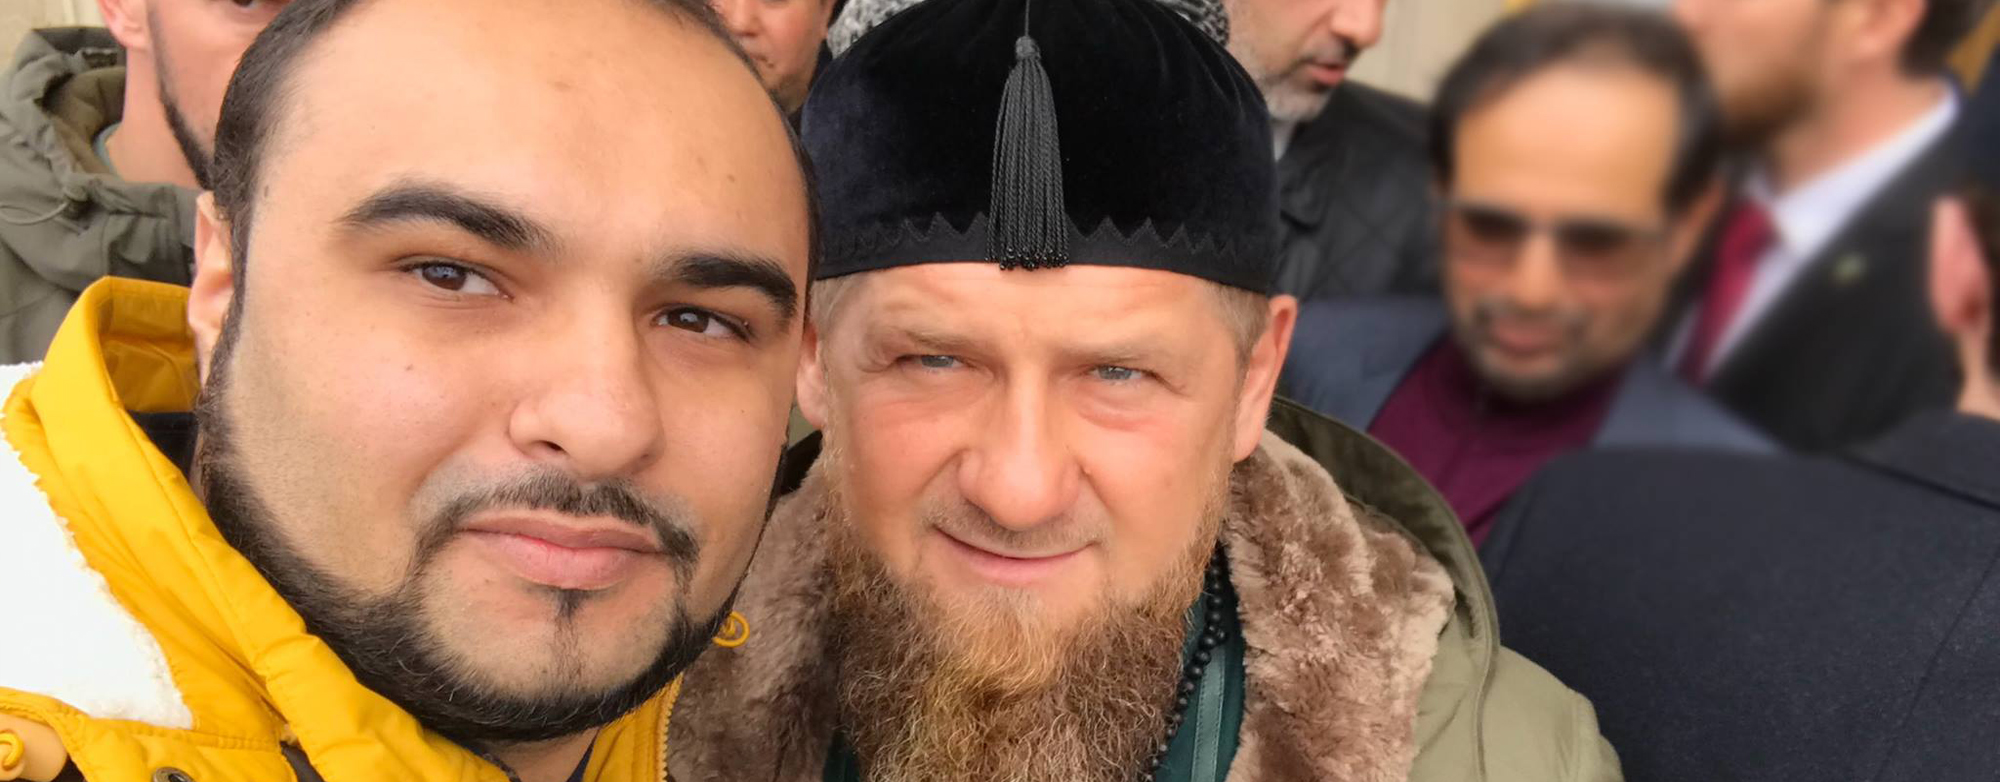 Интервью с Рамзаном Кадыровым | Хаял Муаззин | Иранский журналист и продюсер |